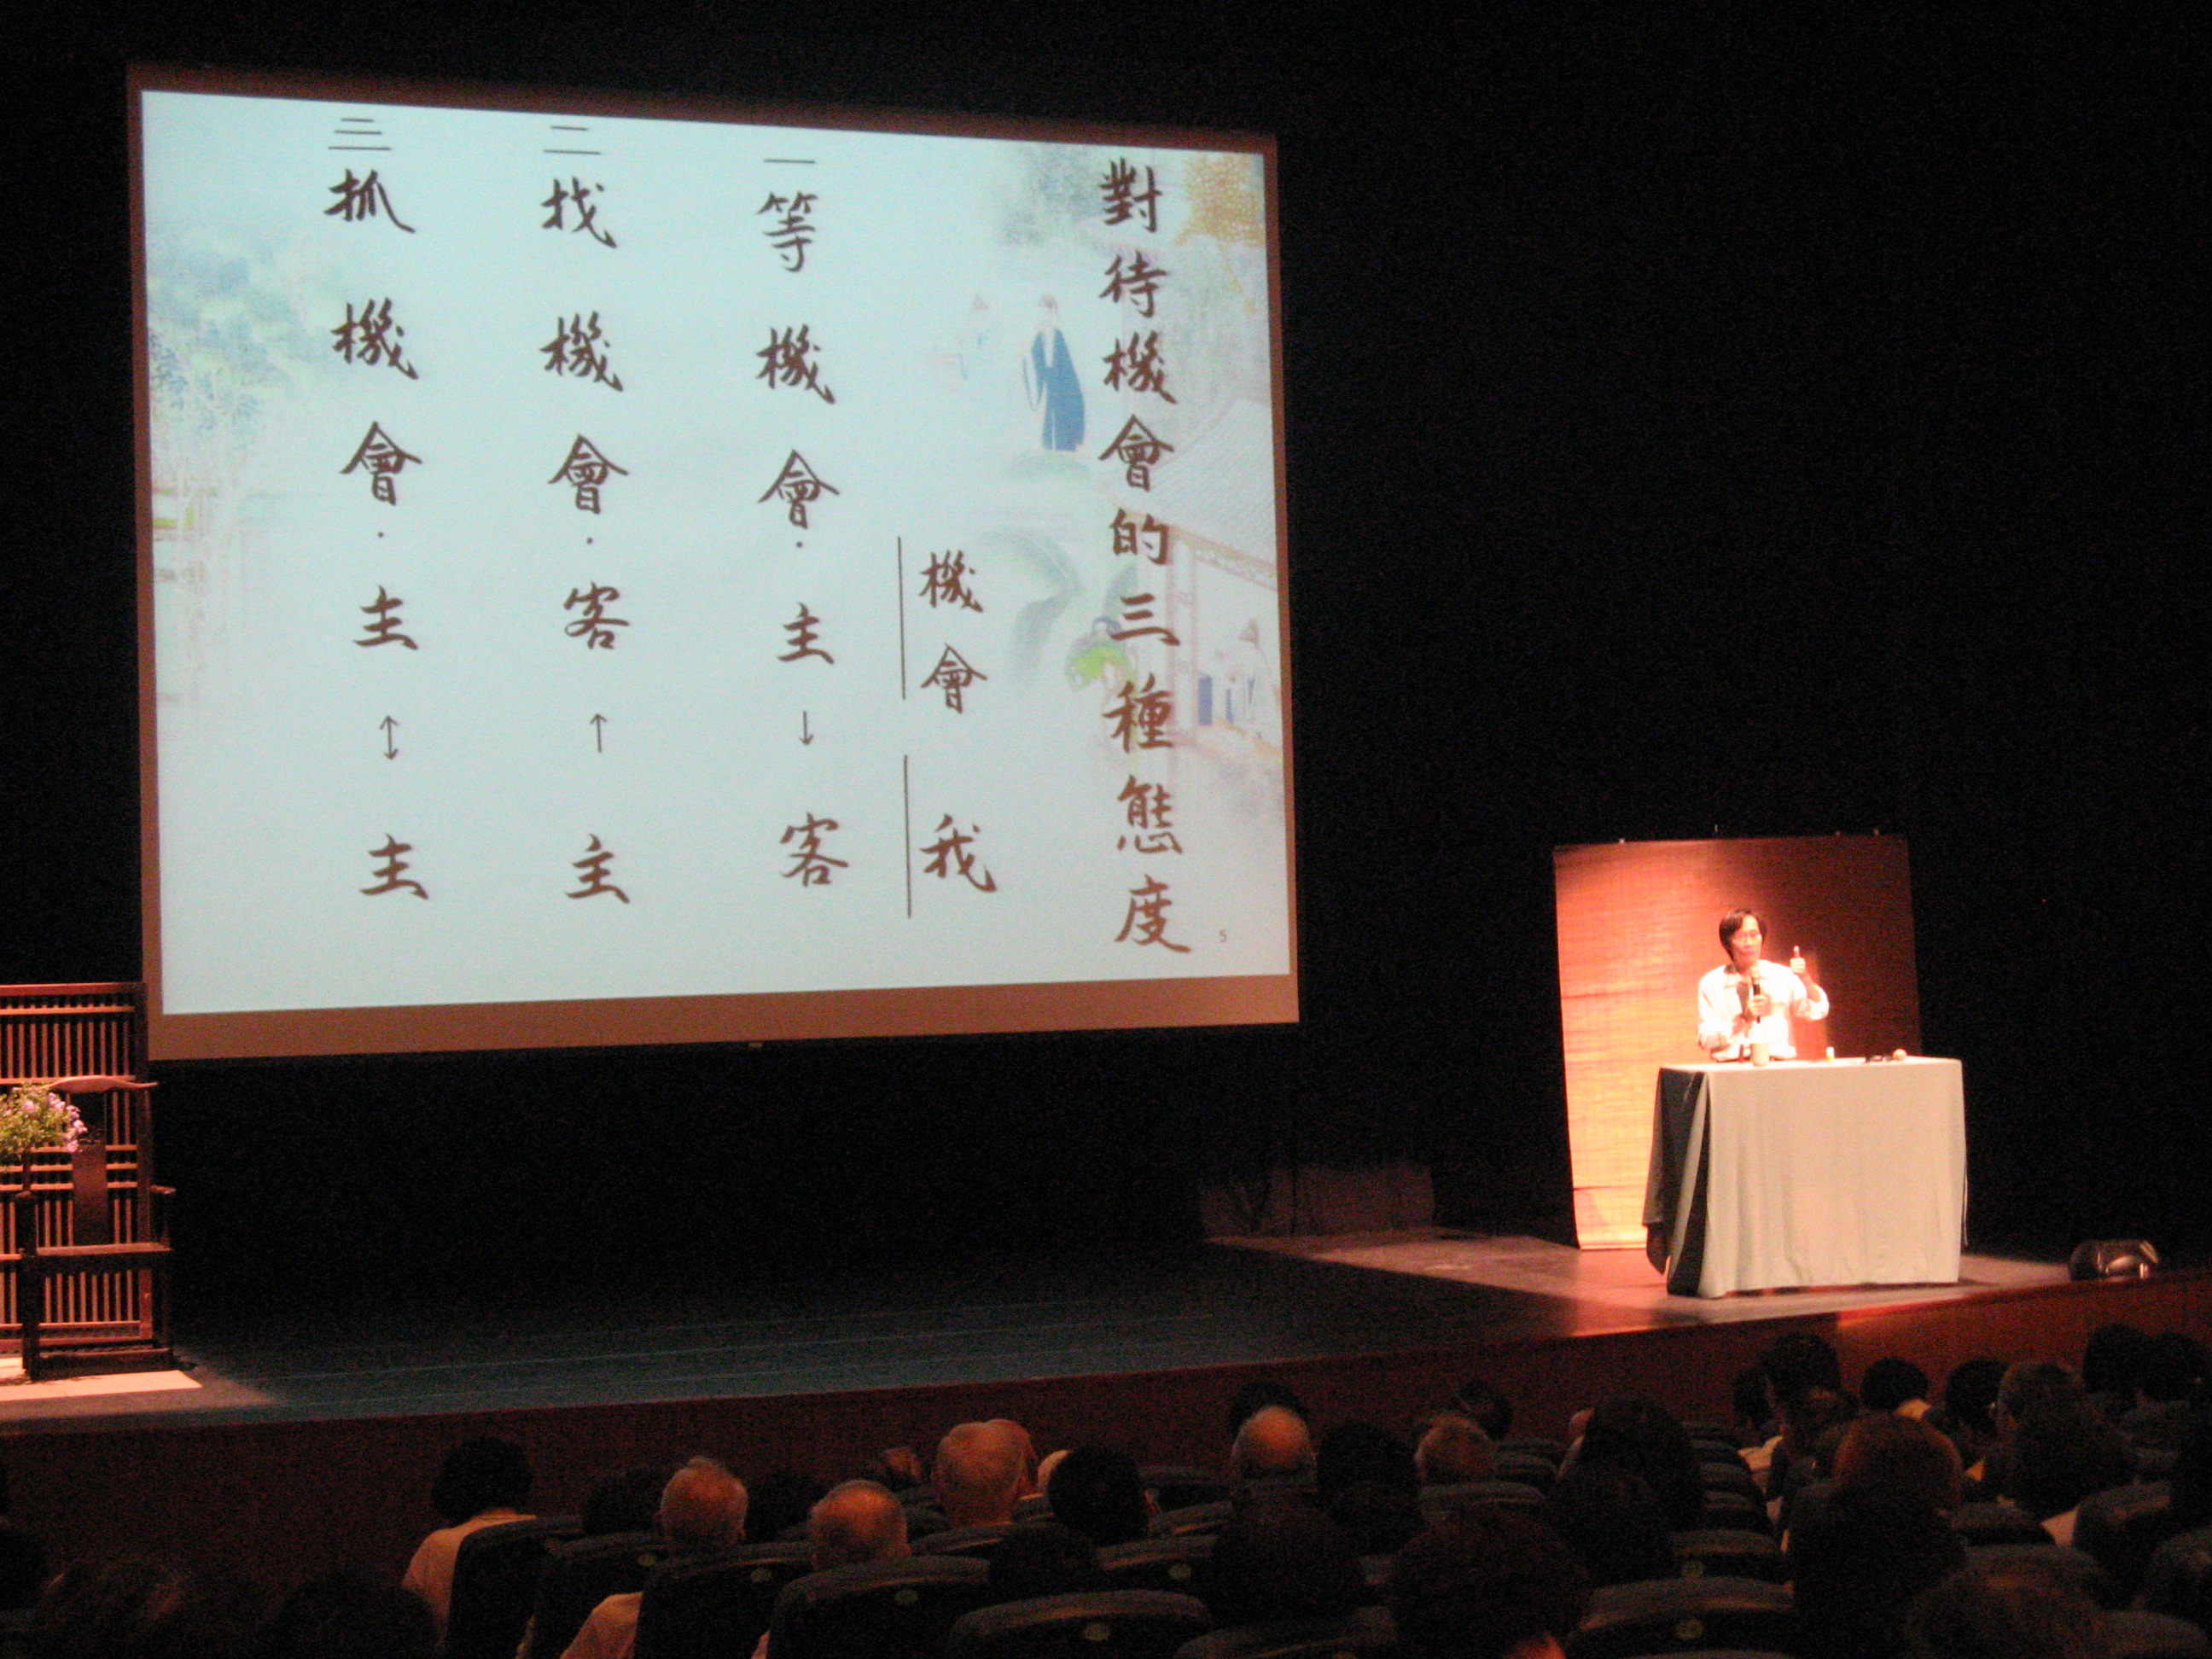 99年詩詞牽手-千古文壇的十二顆巨星講座